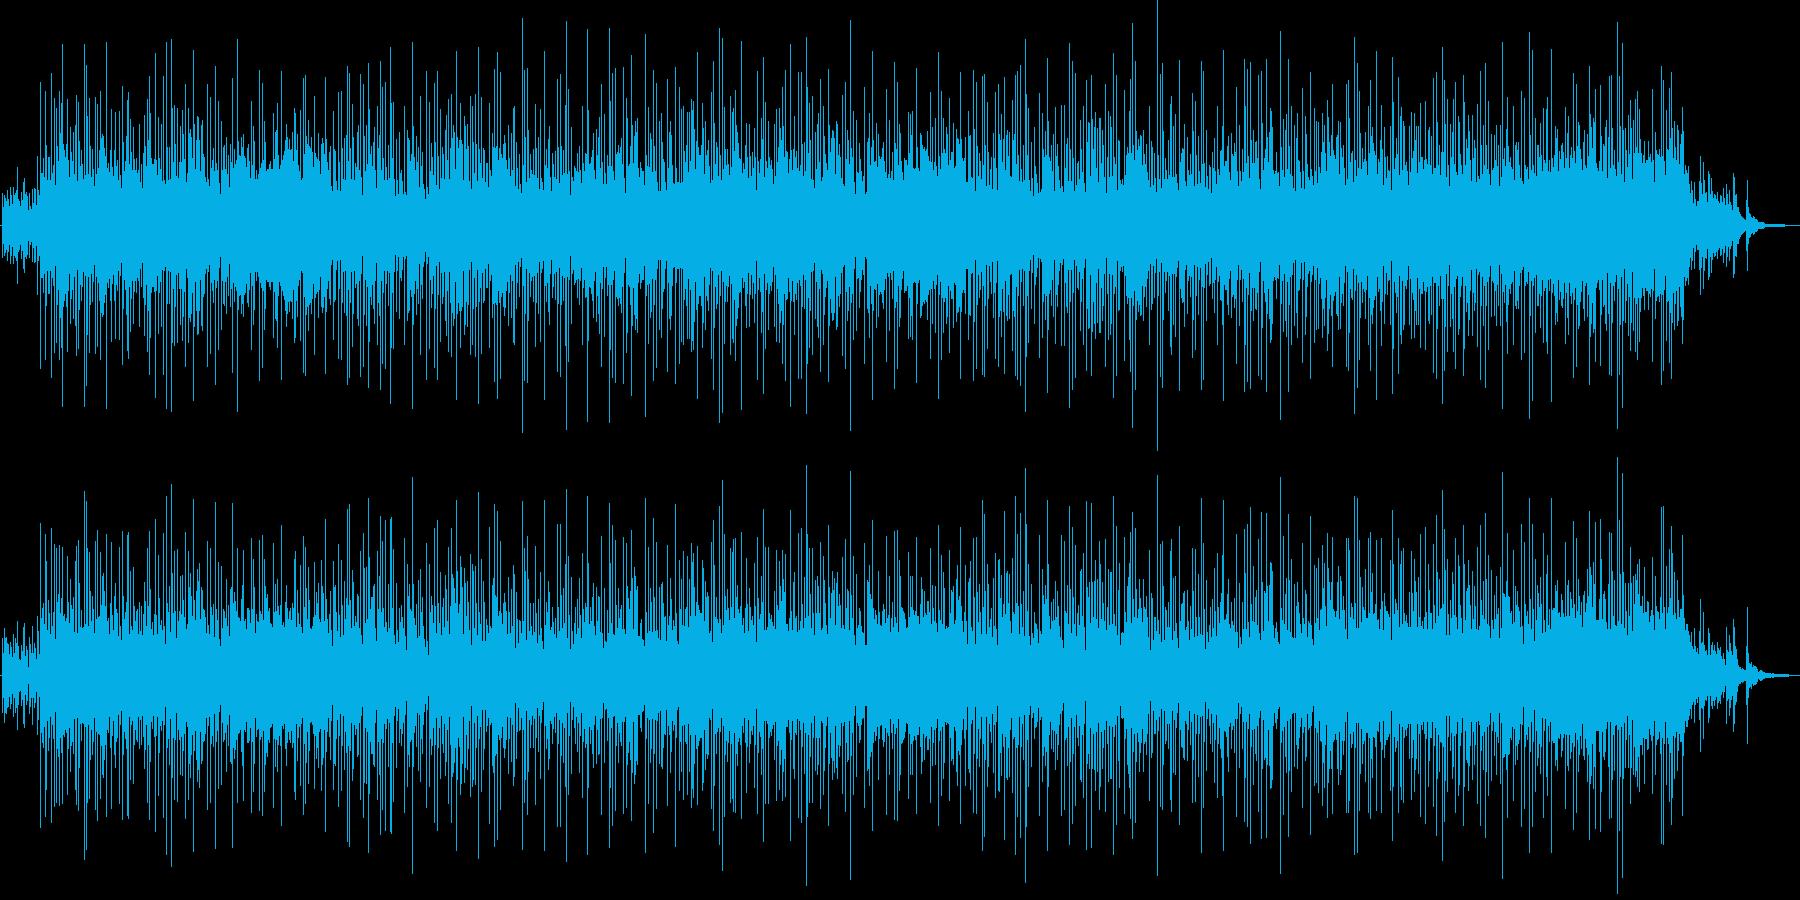 エンディングに使いたい和風ロックバラードの再生済みの波形